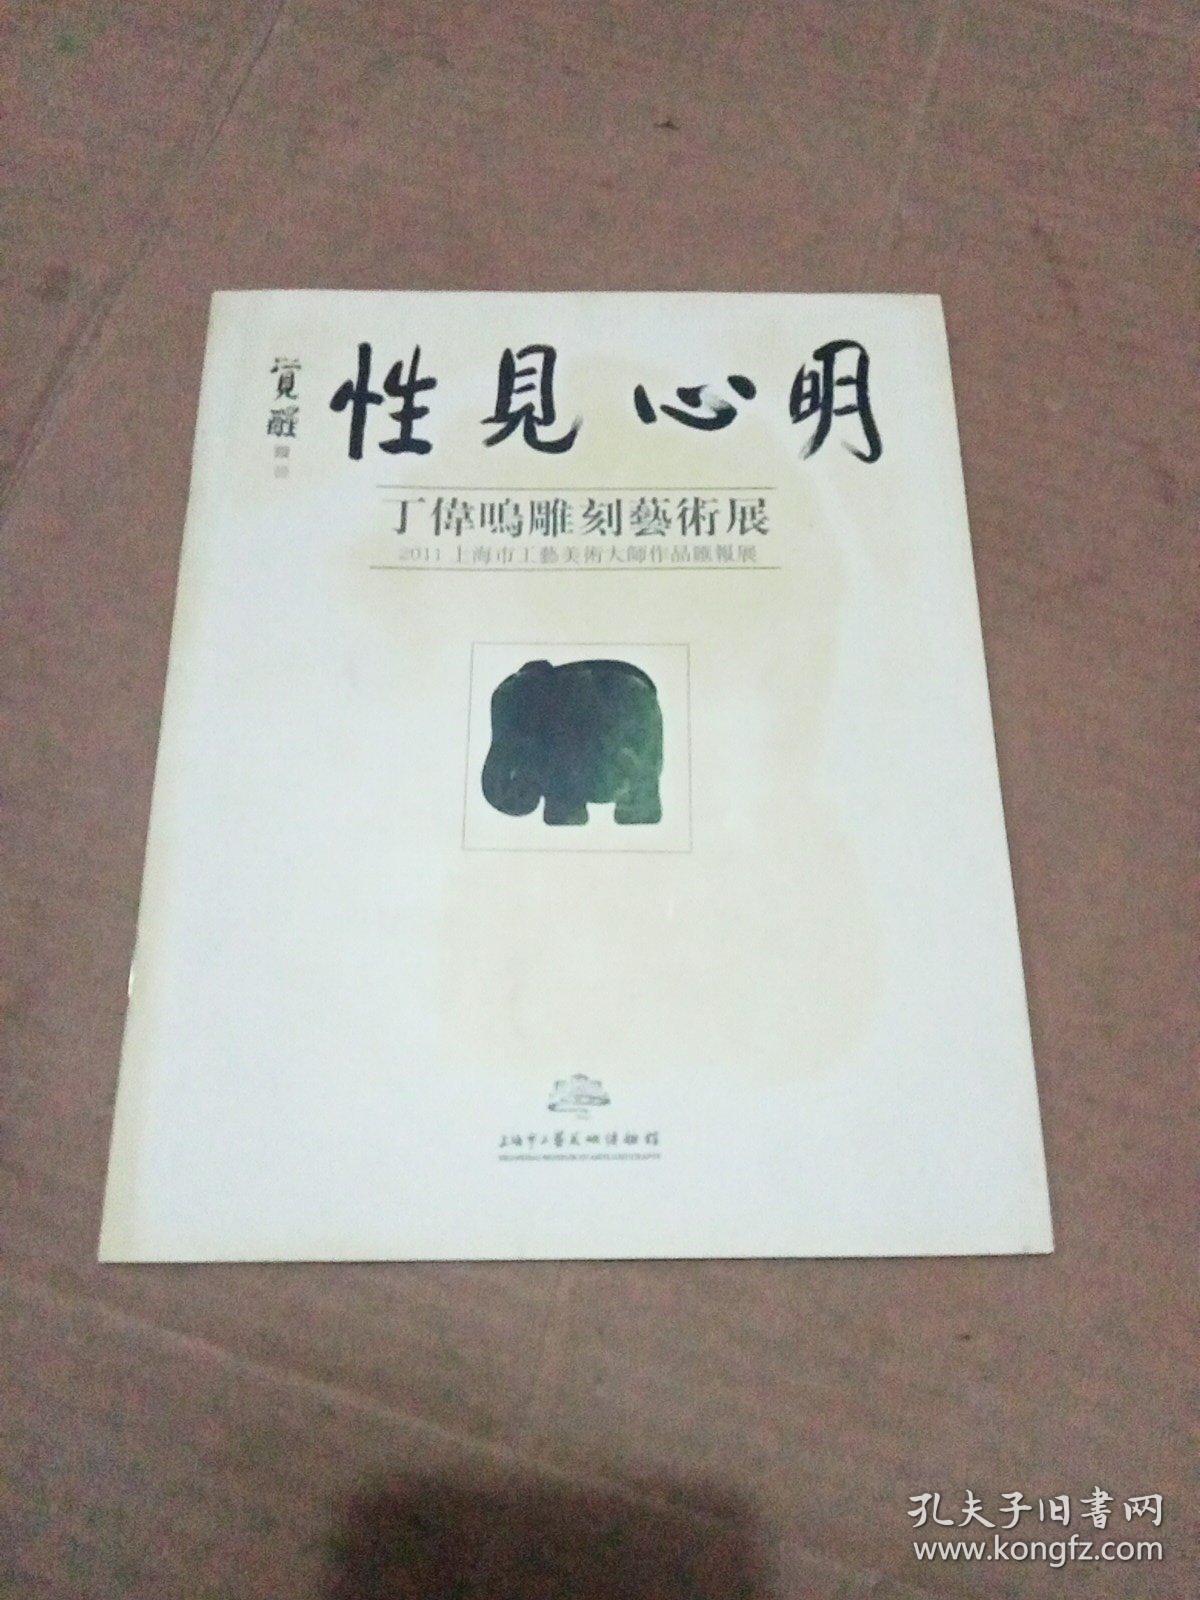 性见心明-丁伟鸣雕刻艺术展 2011上海市工艺美术大师作品汇报展